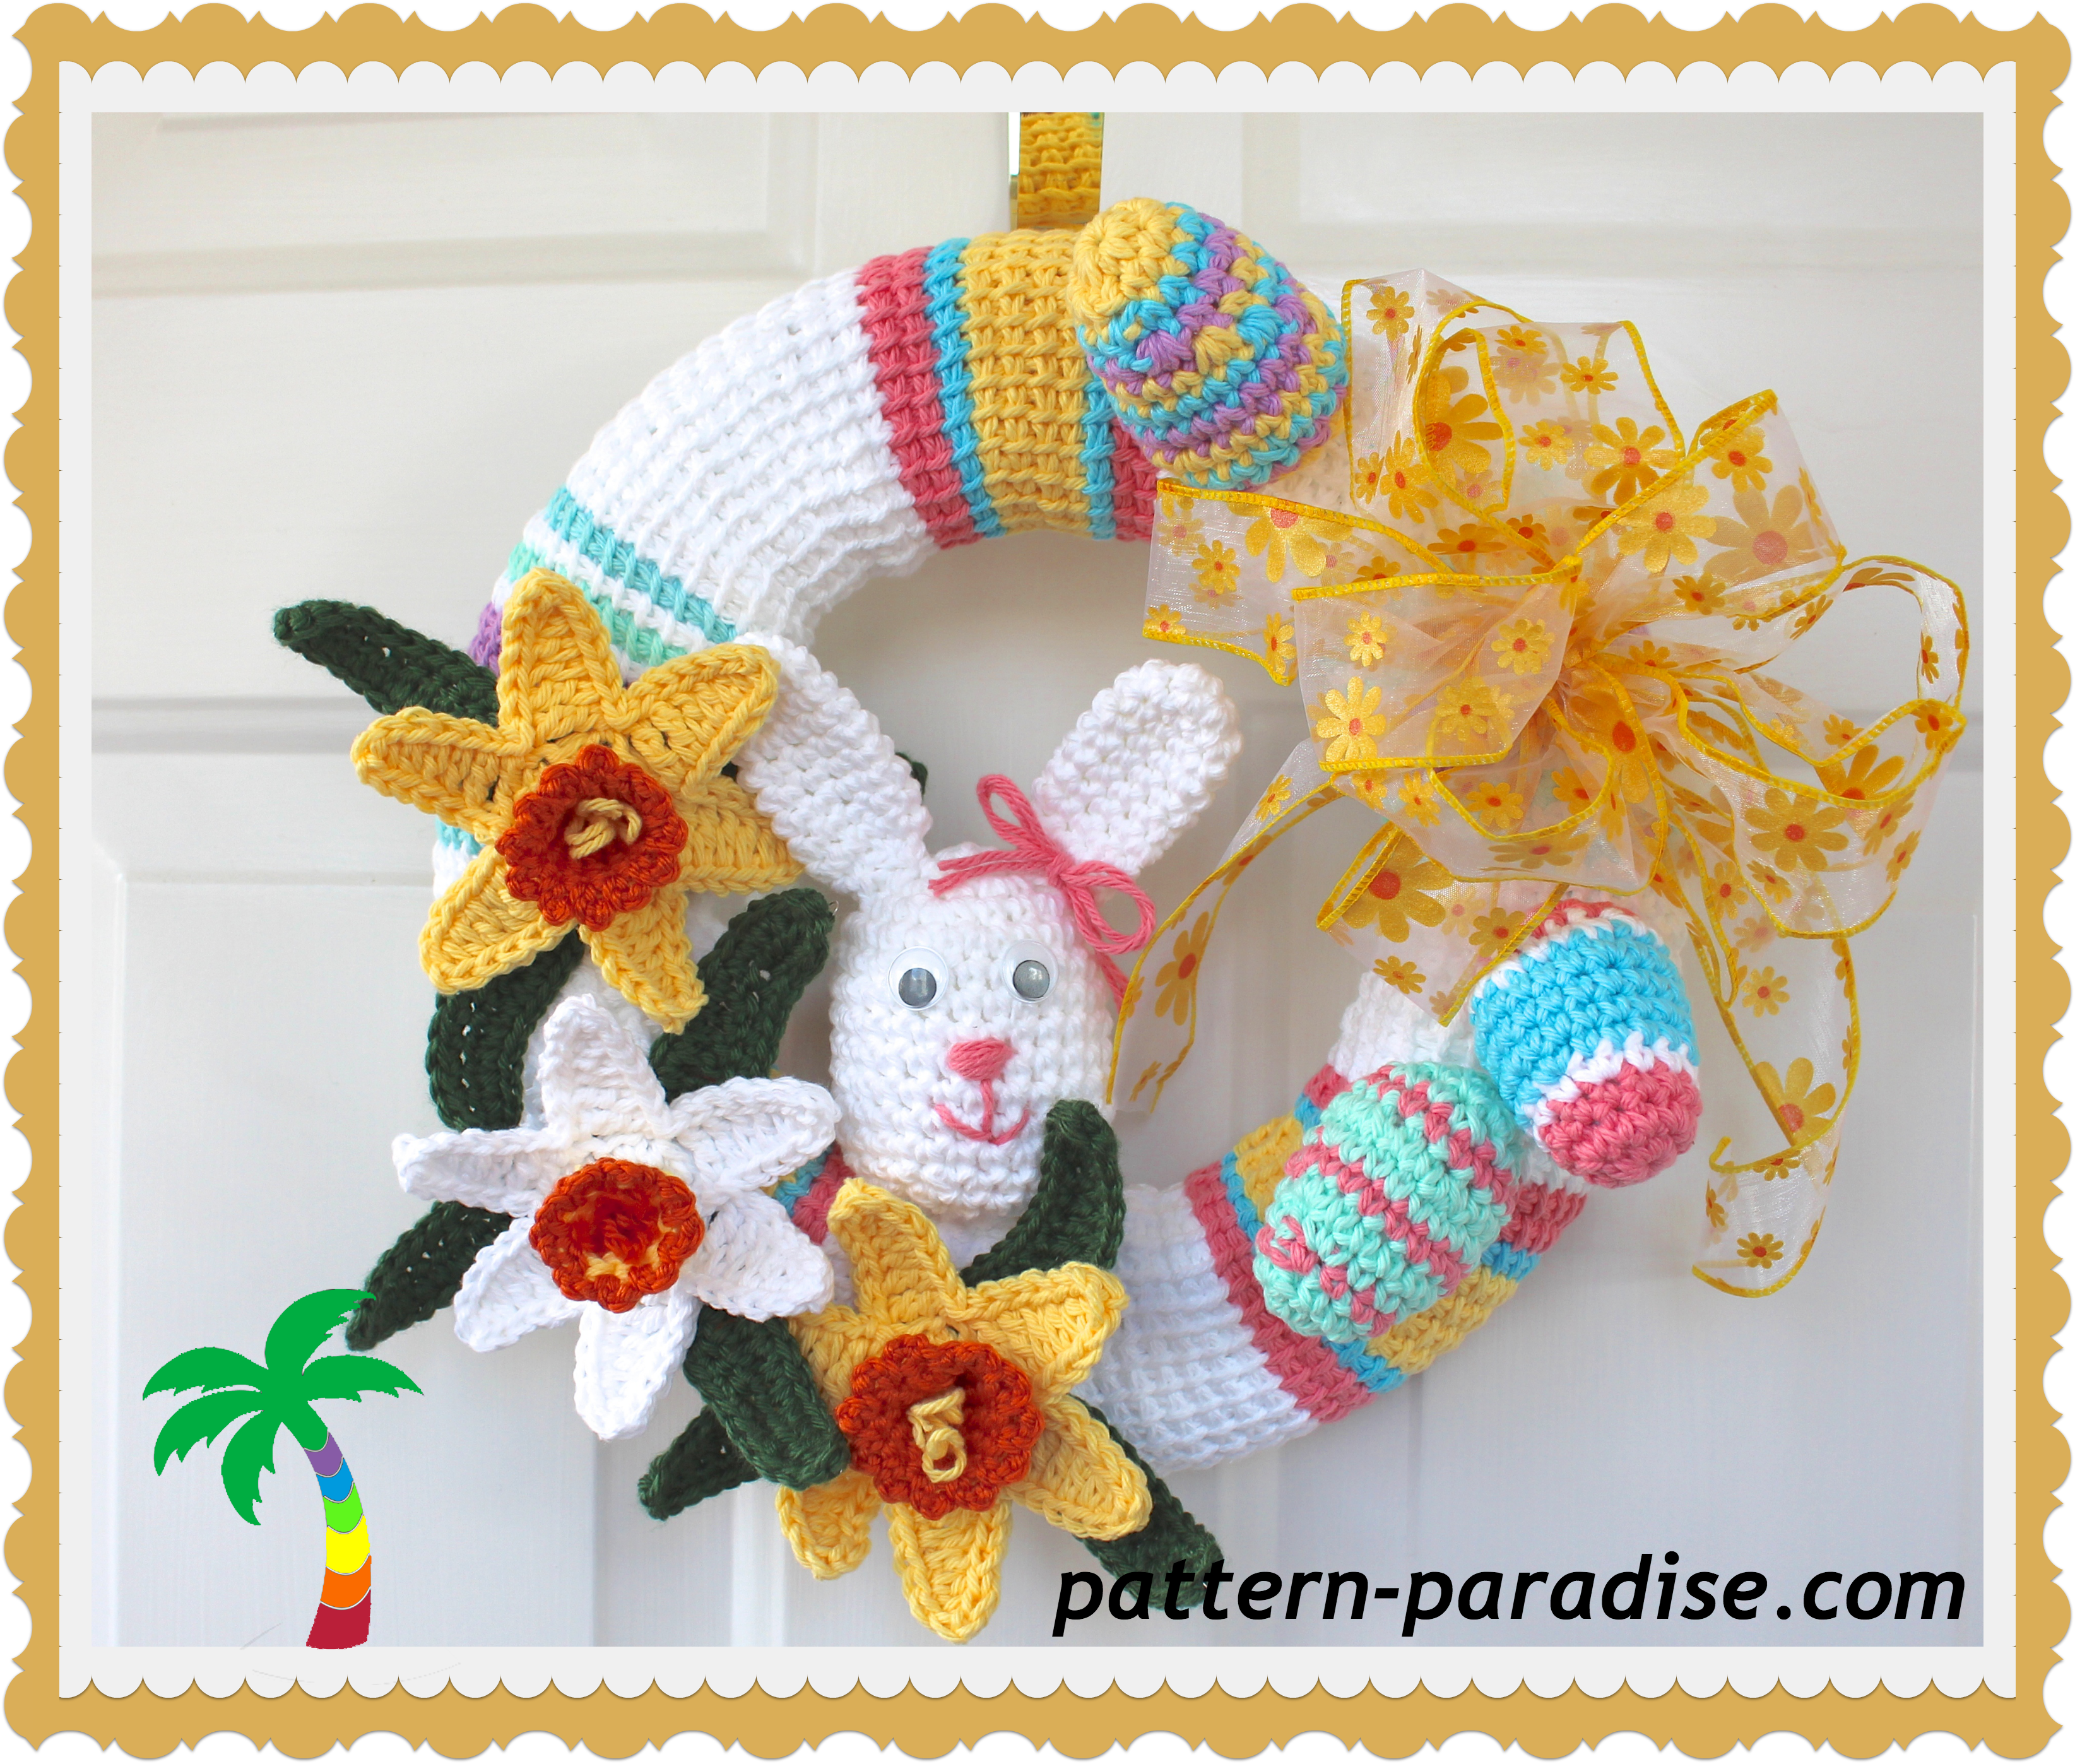 Easter wreath free crochet pattern crochet all sort pinterest easter wreath free crochet pattern bankloansurffo Gallery